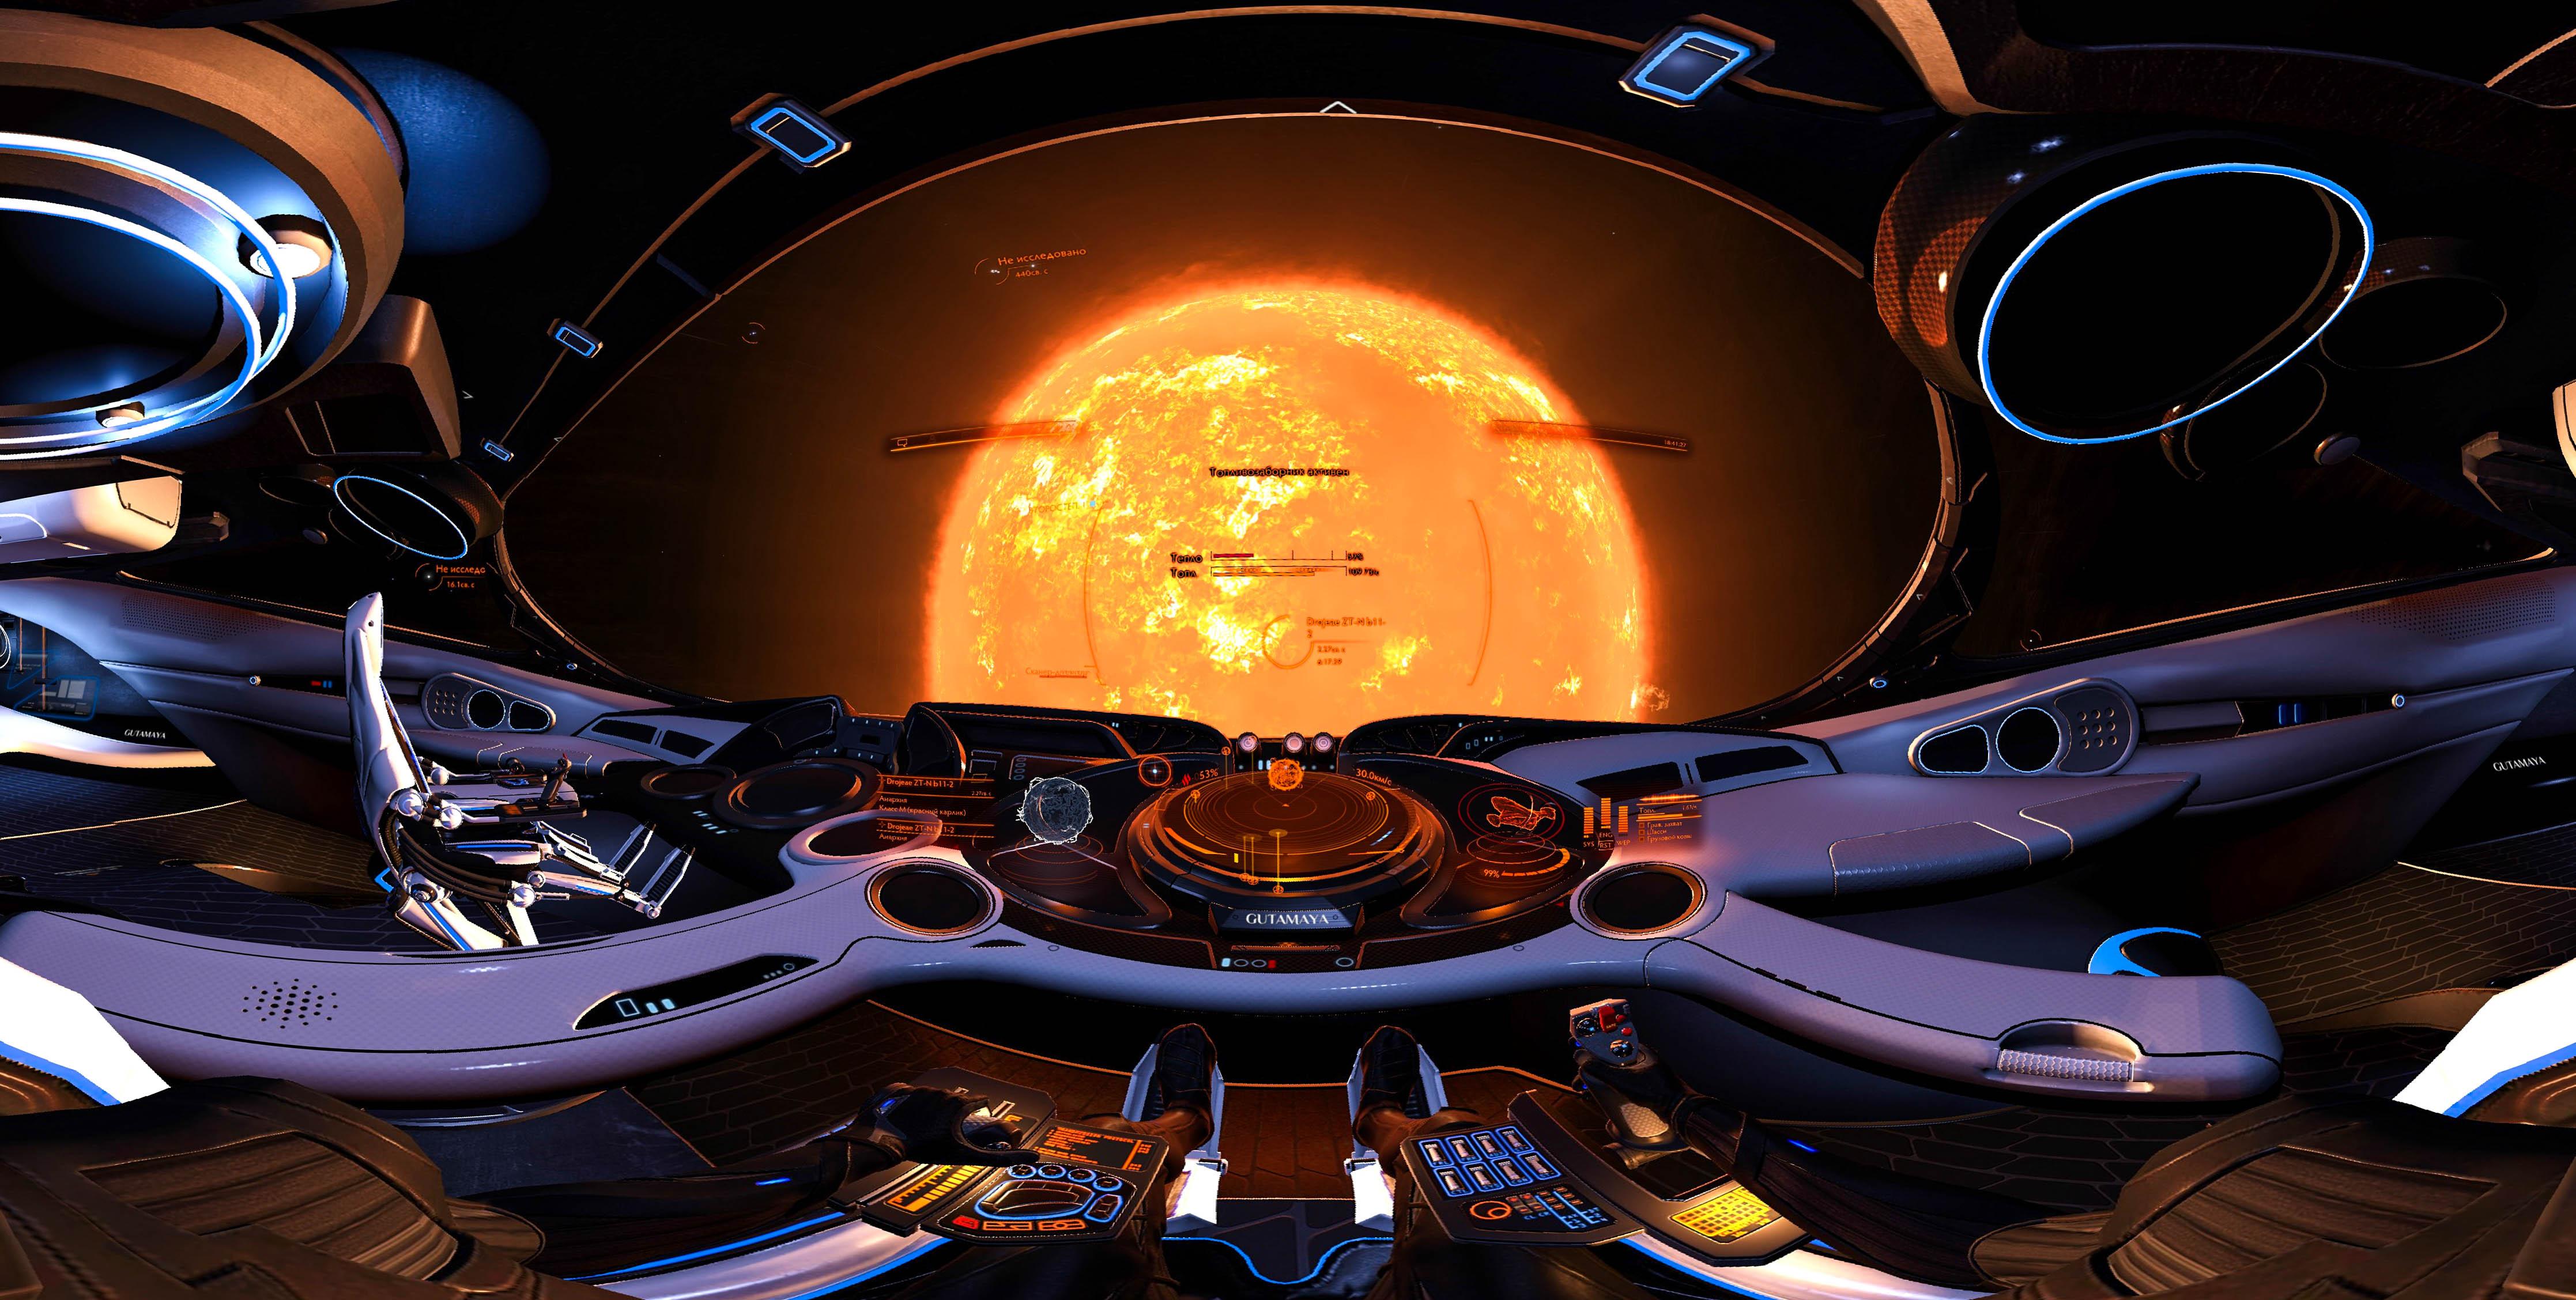 Społeczność Steam :: Poradnik :: Все кокпиты в панорамном ... B2 Cockpit Panorama